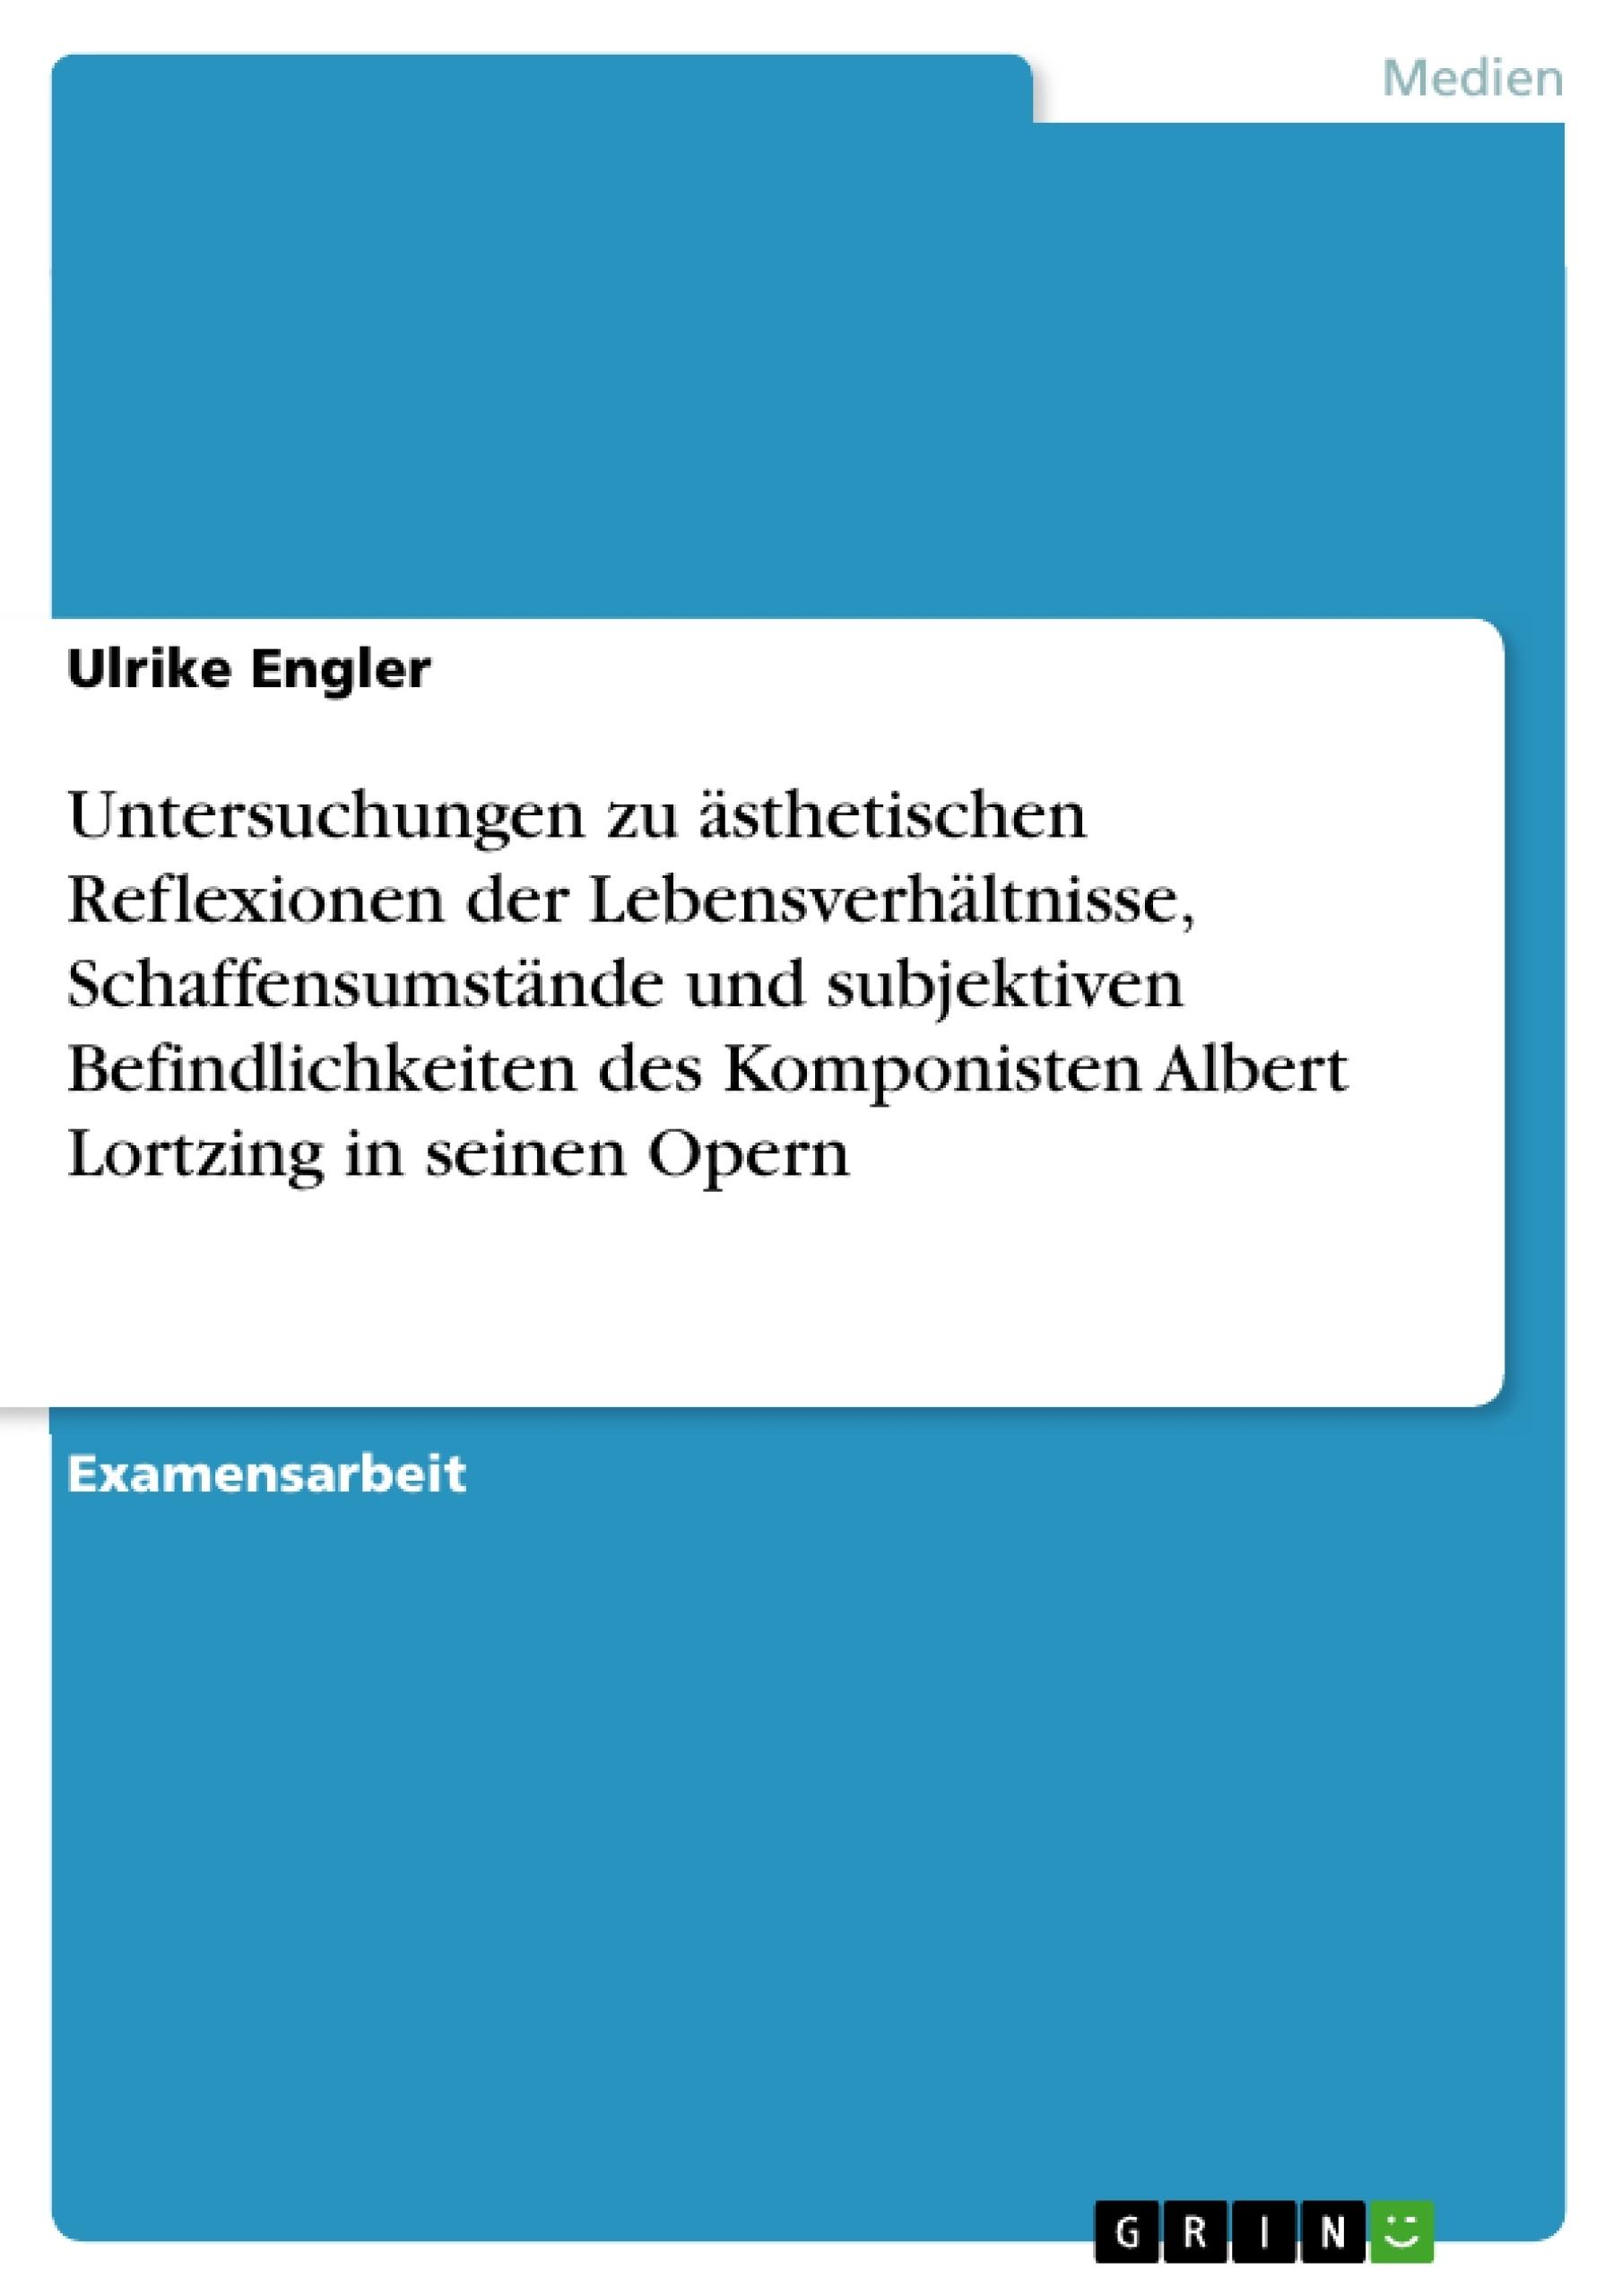 Titel: Untersuchungen zu ästhetischen Reflexionen der Lebensverhältnisse, Schaffensumstände und subjektiven Befindlichkeiten des Komponisten Albert Lortzing in seinen Opern